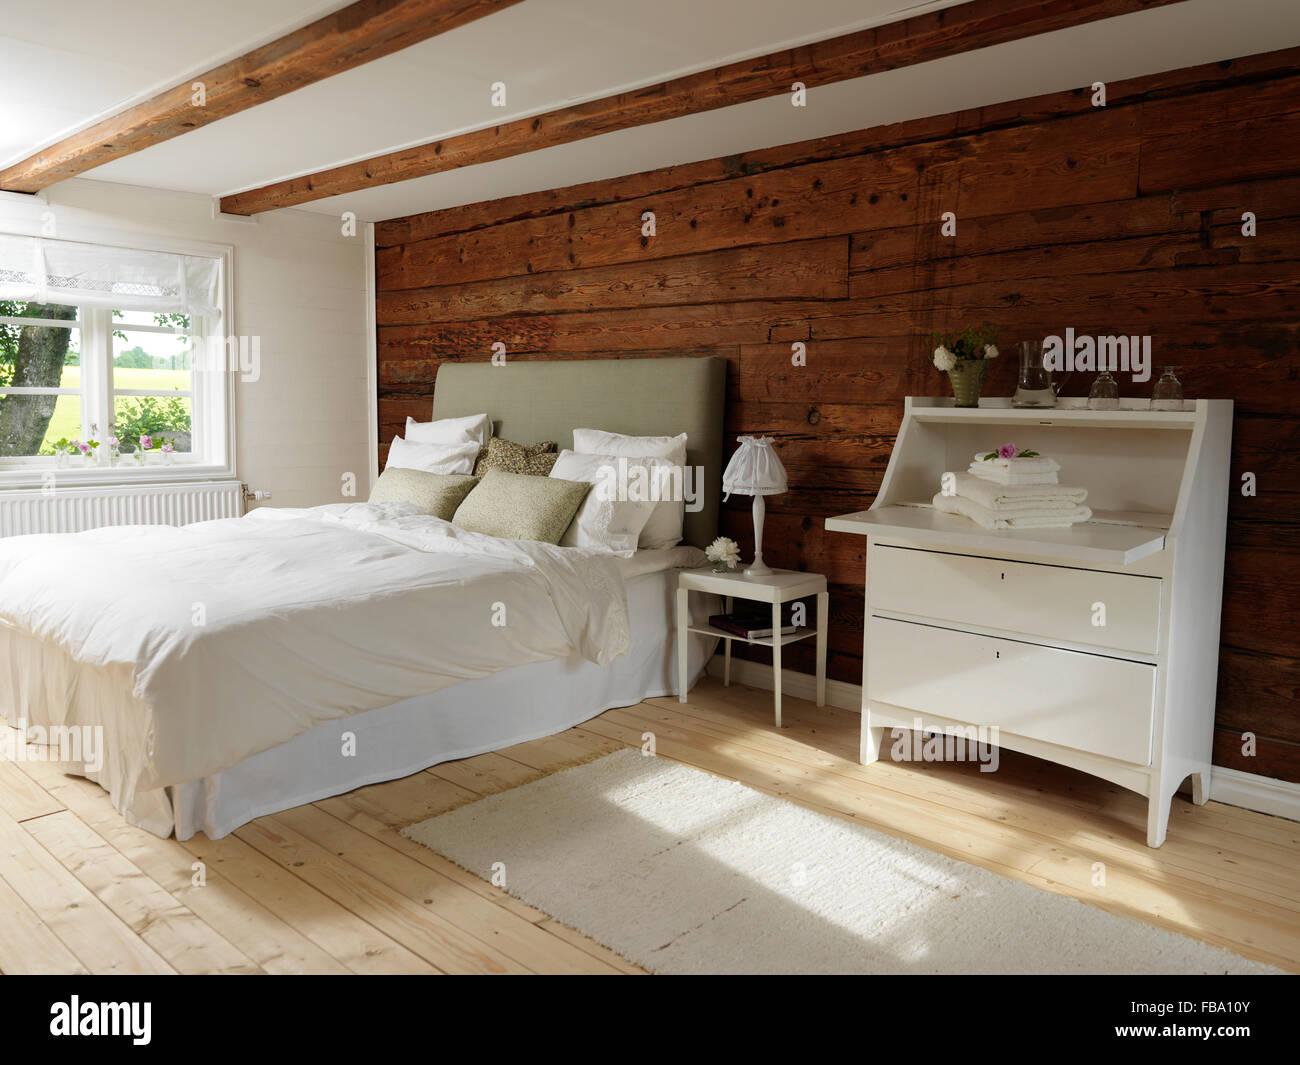 Schlafzimmer skandinavischer stil  Schweden, skandinavischen Stil Schlafzimmer mit Holz und weißen ...